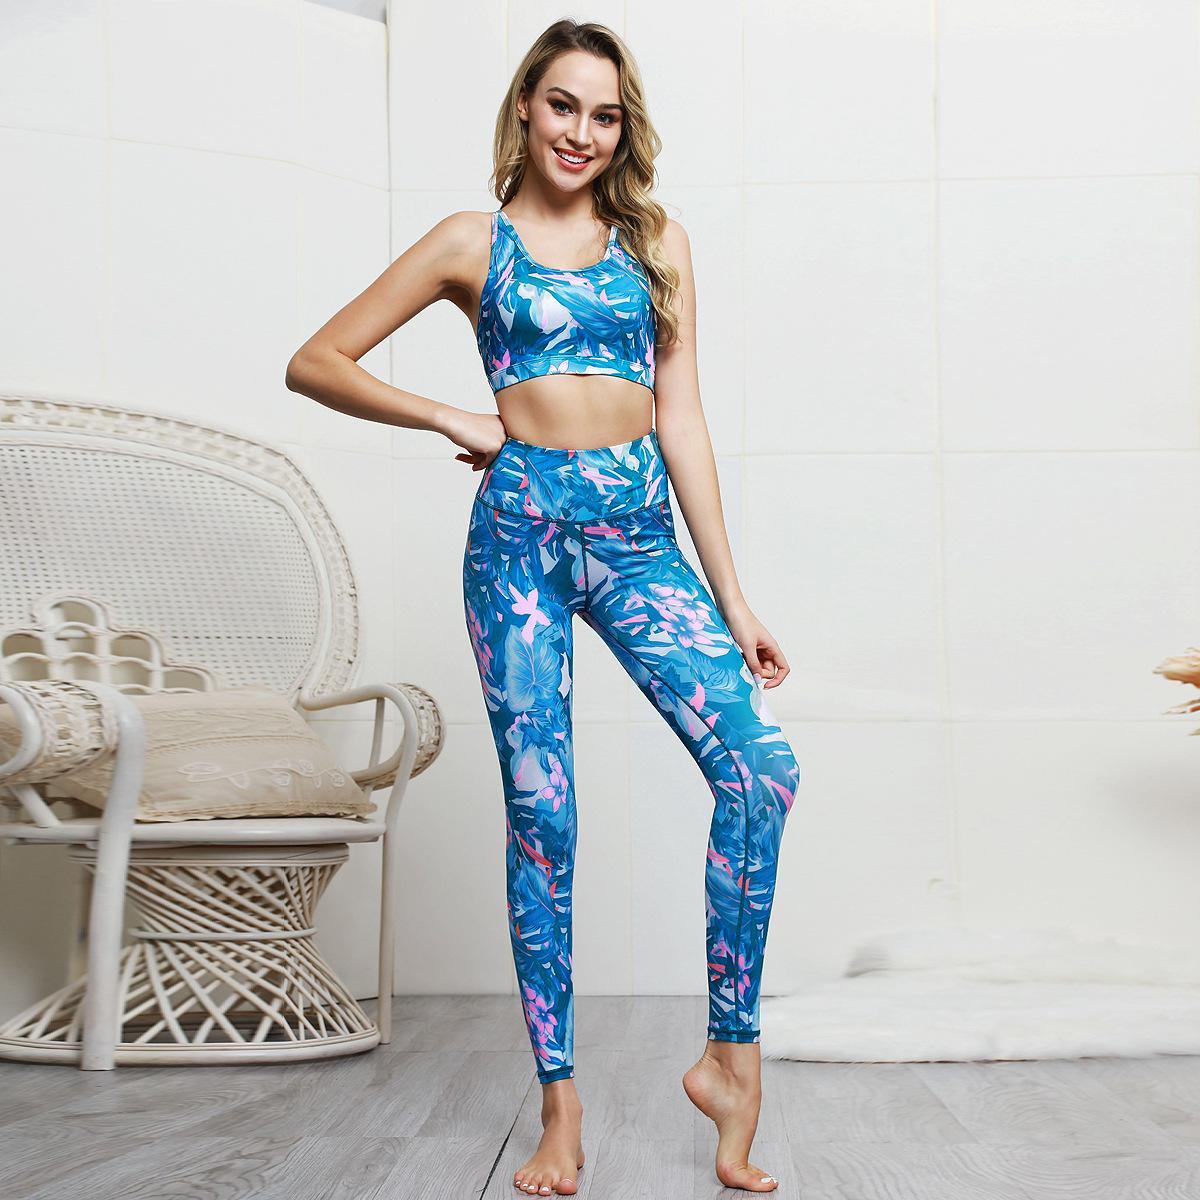 Drucken Frauen Yoga Sets Gym Fitness-Sets Schönheit zurück Sport-BHs High Waist-fester Anzug Workout Laufsport